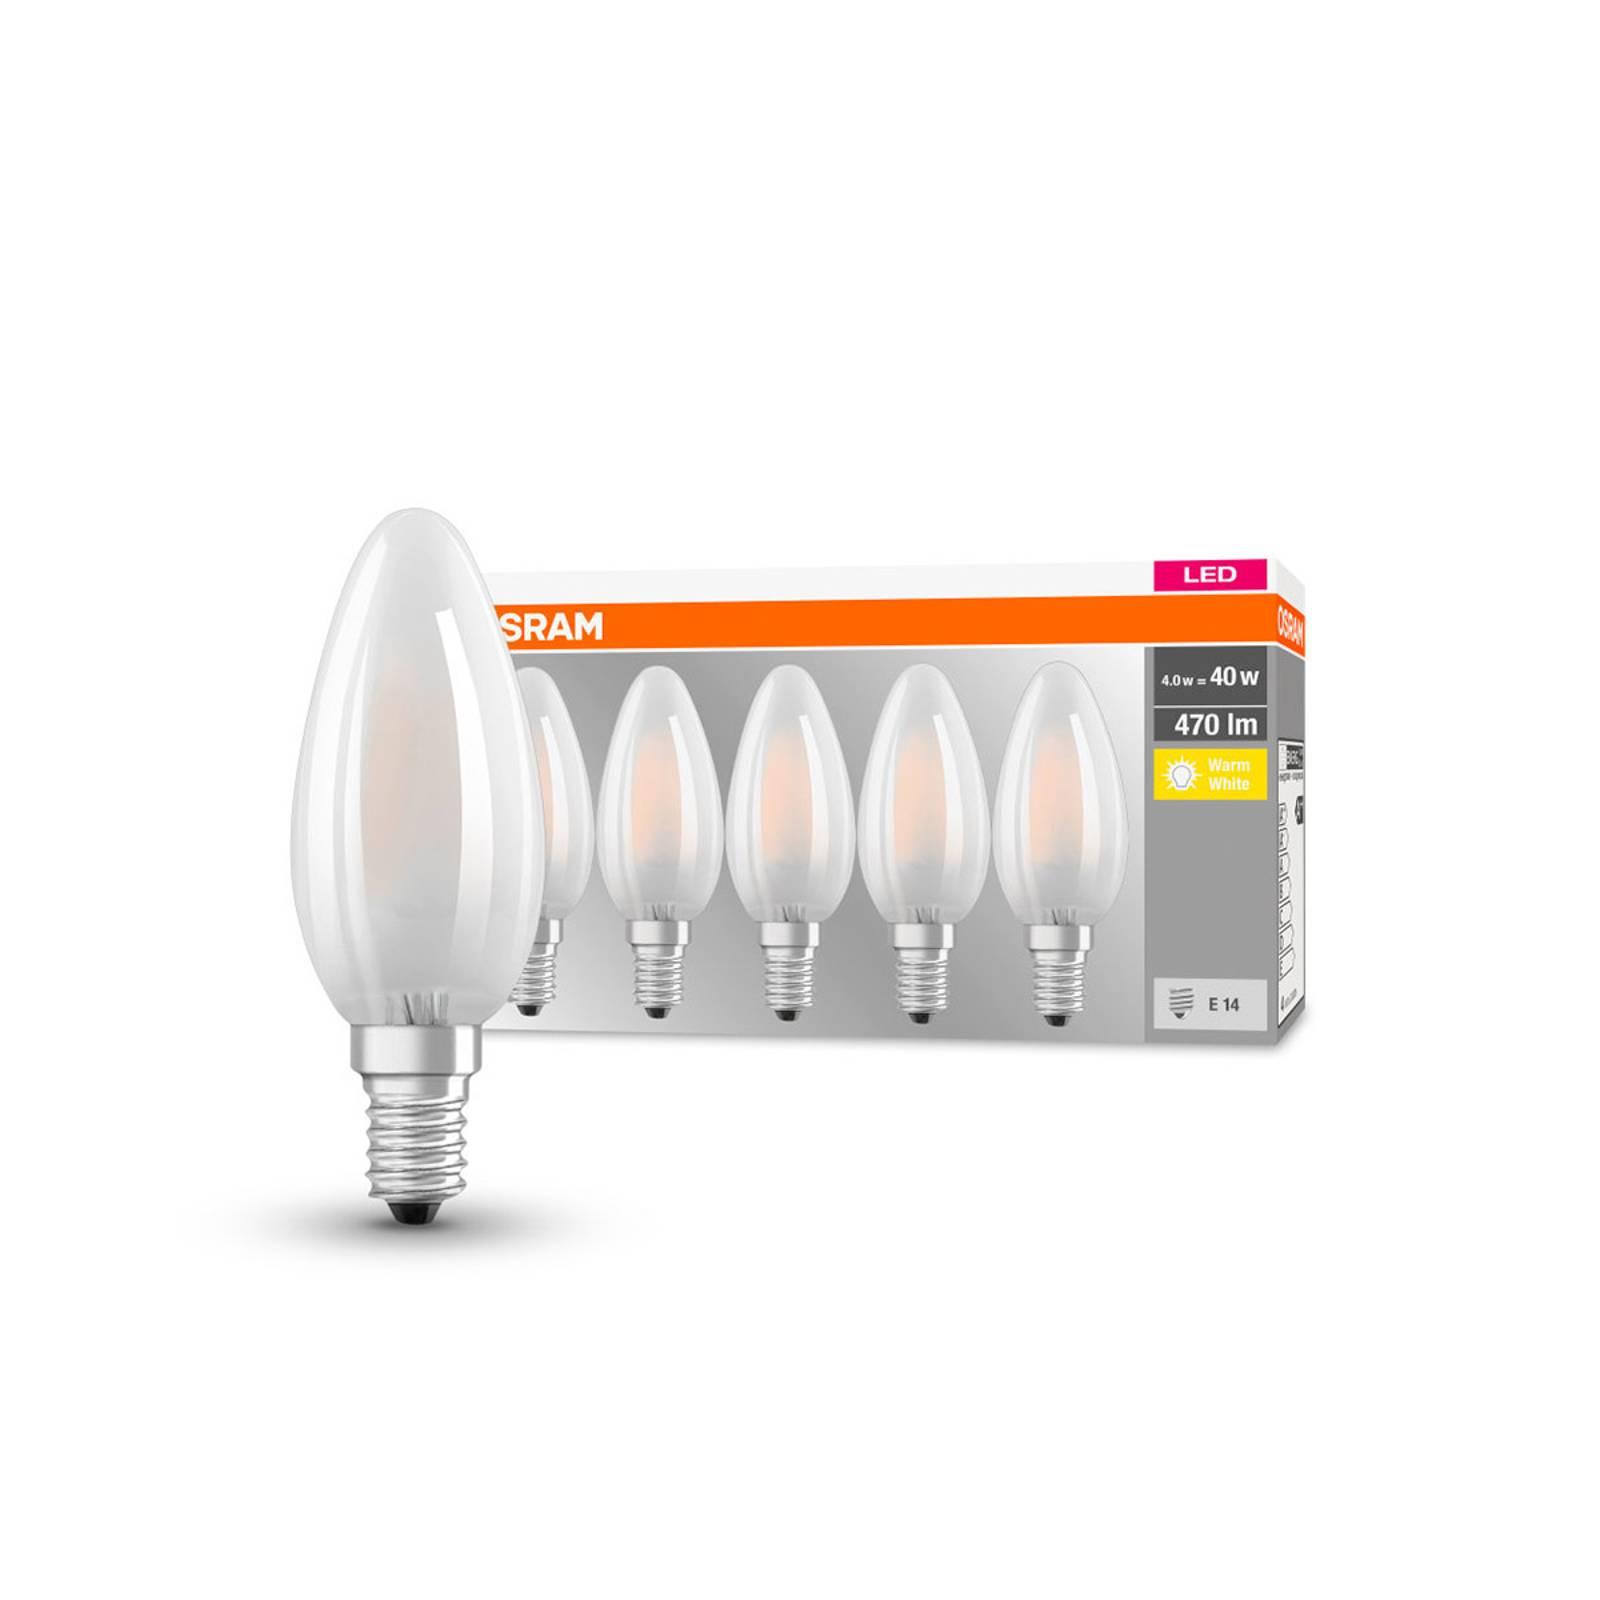 OSRAM-LED-kynttilälamppu E14 4W 2700K 470lm 5 kpl